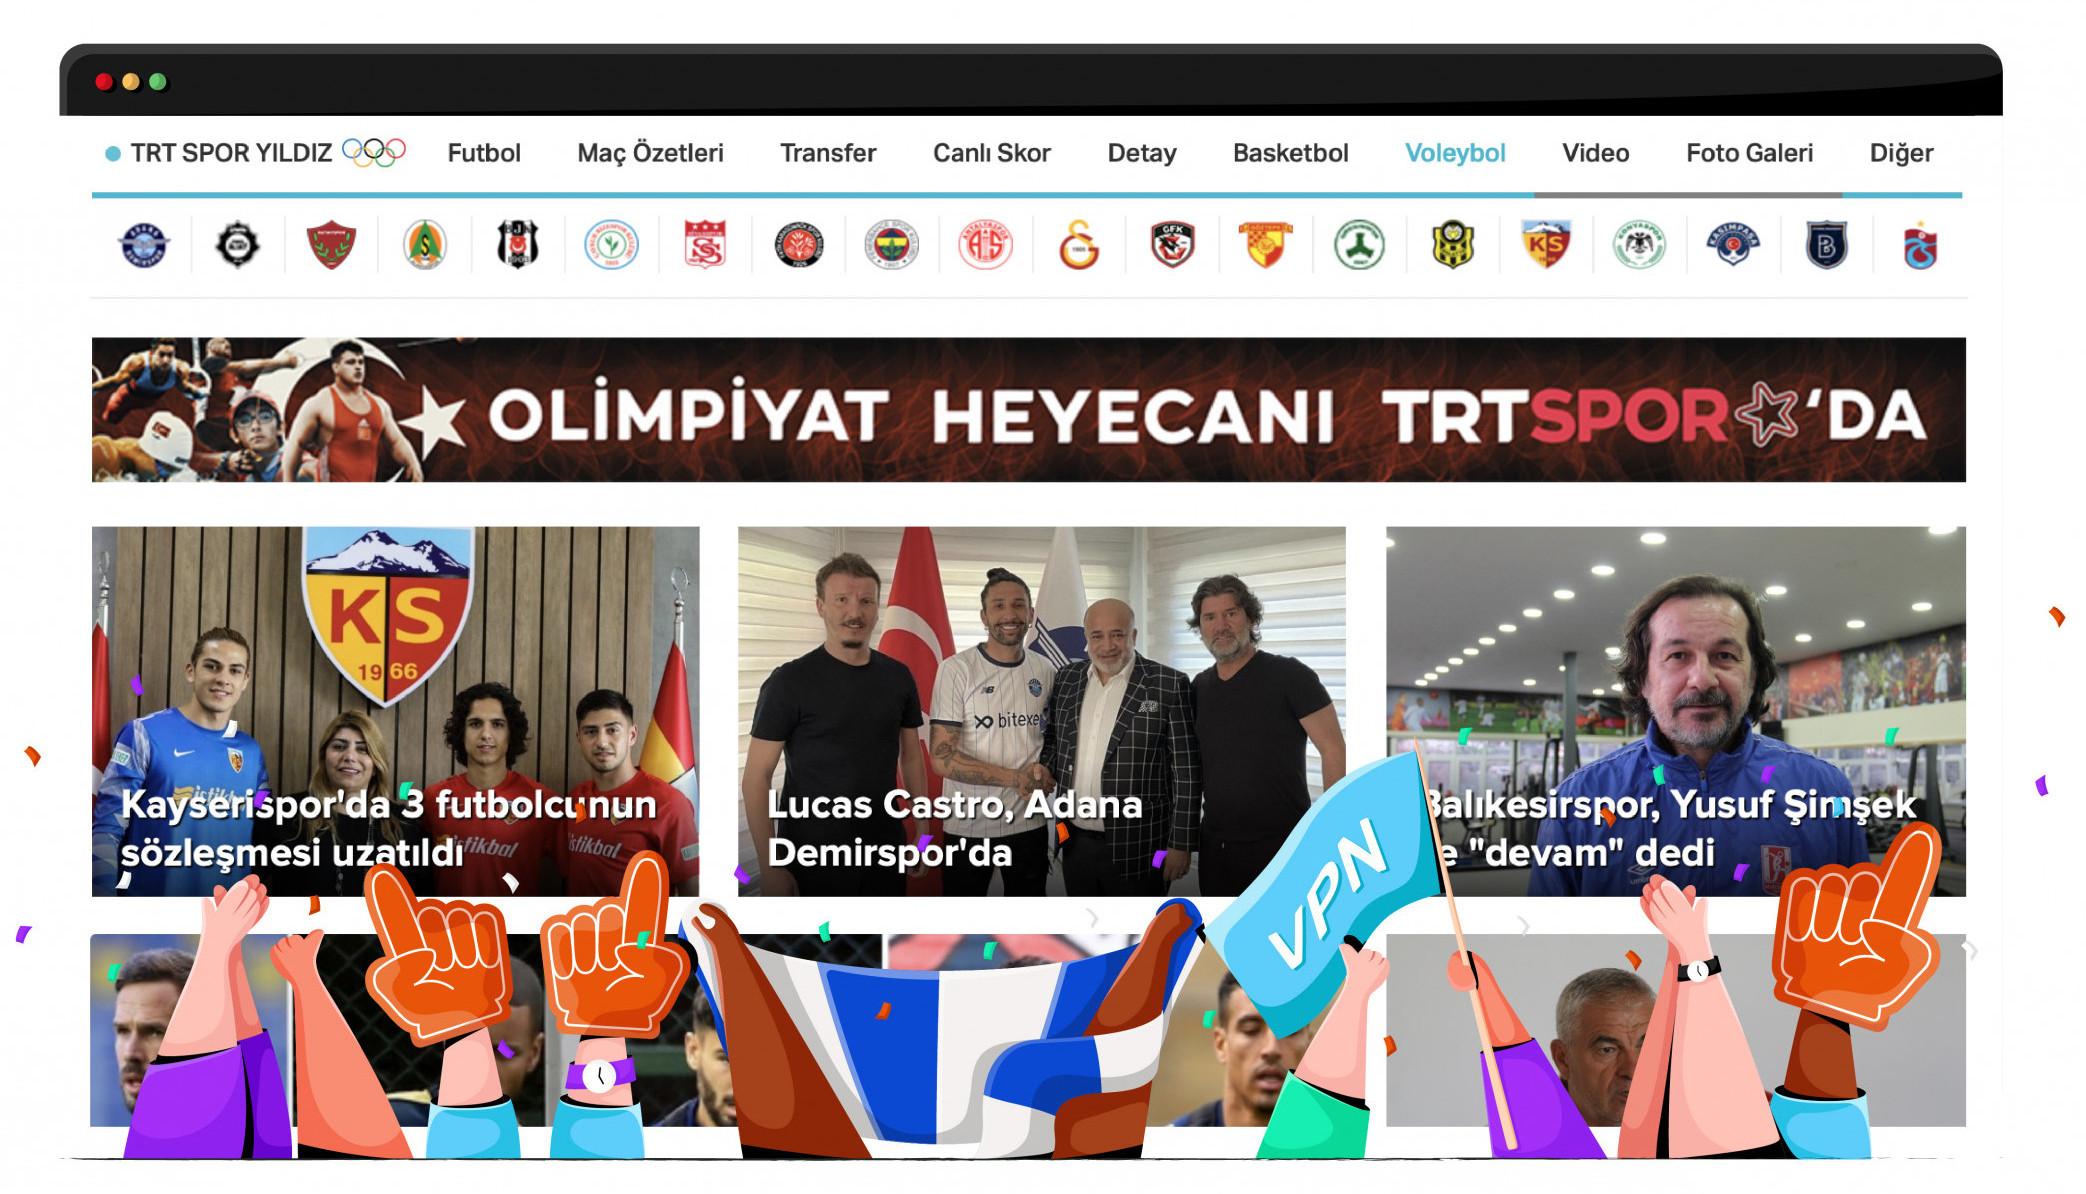 TRT Spor, spor karşılaşmalarını ücretsiz yayınlıyor